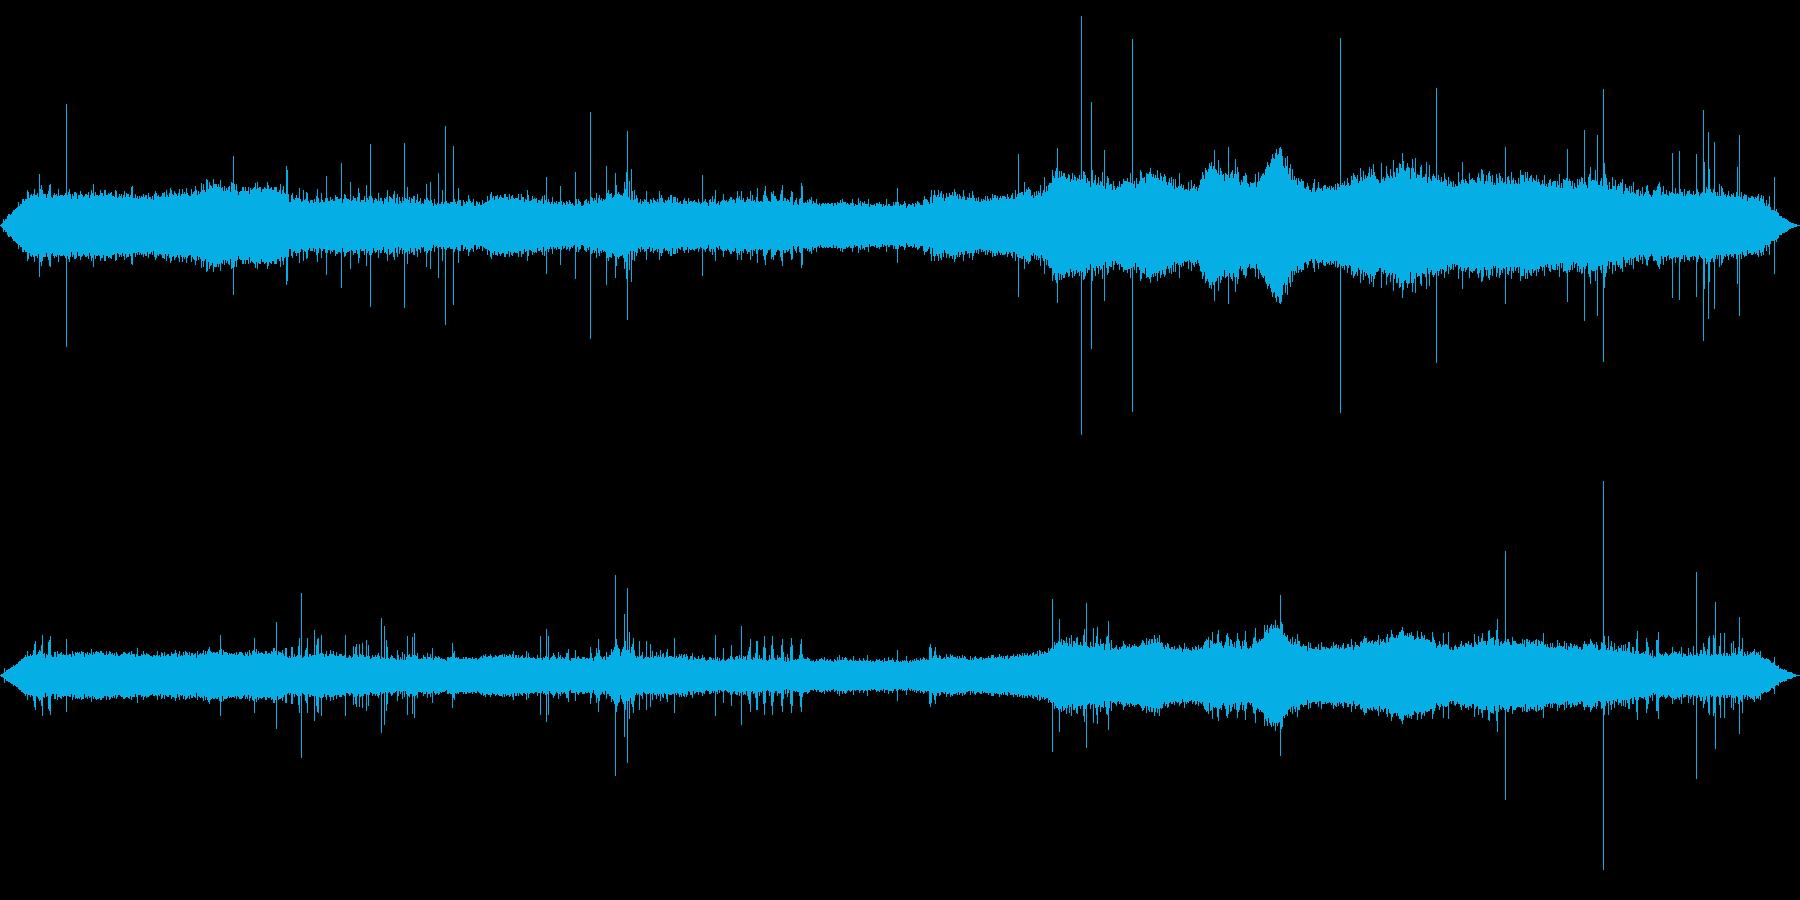 【自然音】雨の森01(押方)バイノーラルの再生済みの波形